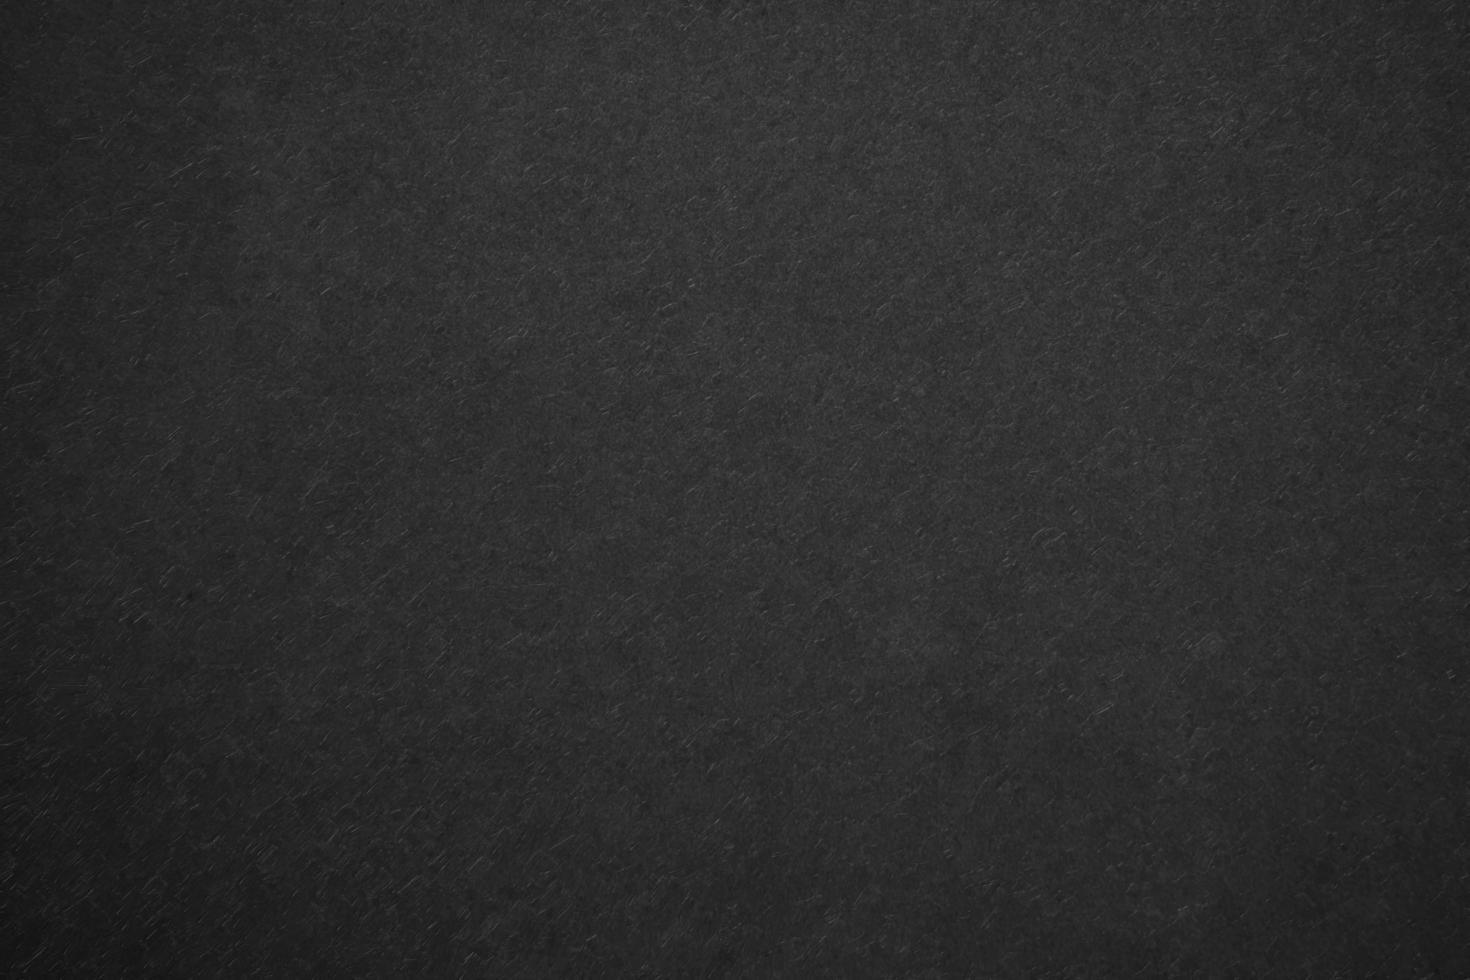 svart duk texturerad abstrakt bakgrund. foto